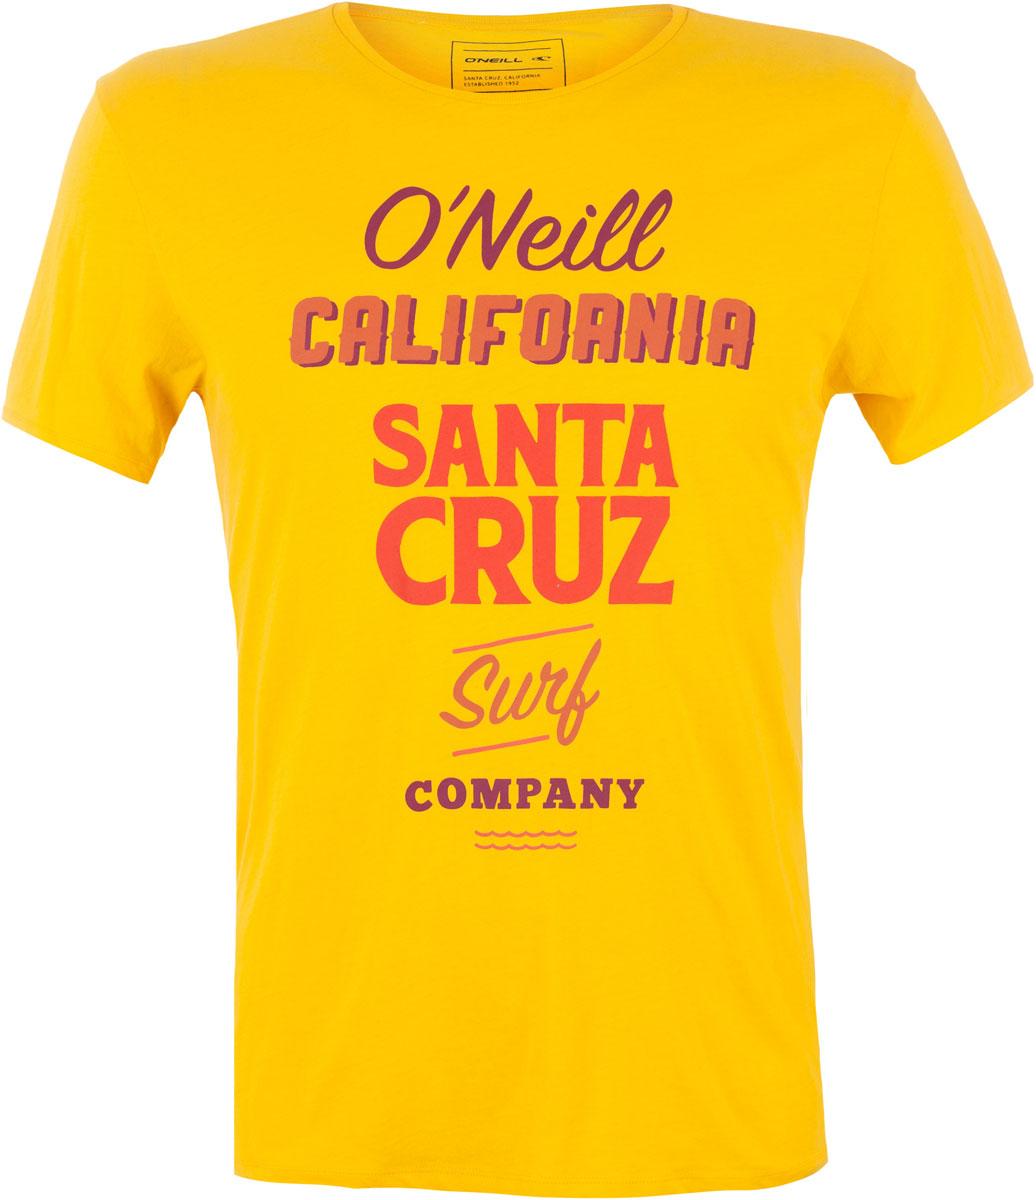 Футболка мужская ONeill Lm Logo Art T-Shirt, цвет: желтый. 7A3660-2046. Размер S (46/48)7A3660-2046Футболка мужская ONeill выполнена из 100% хлопка. Модель имеет стандартный крой, короткий рукав и круглый вырез горловины. Футболка дополнена надписями.